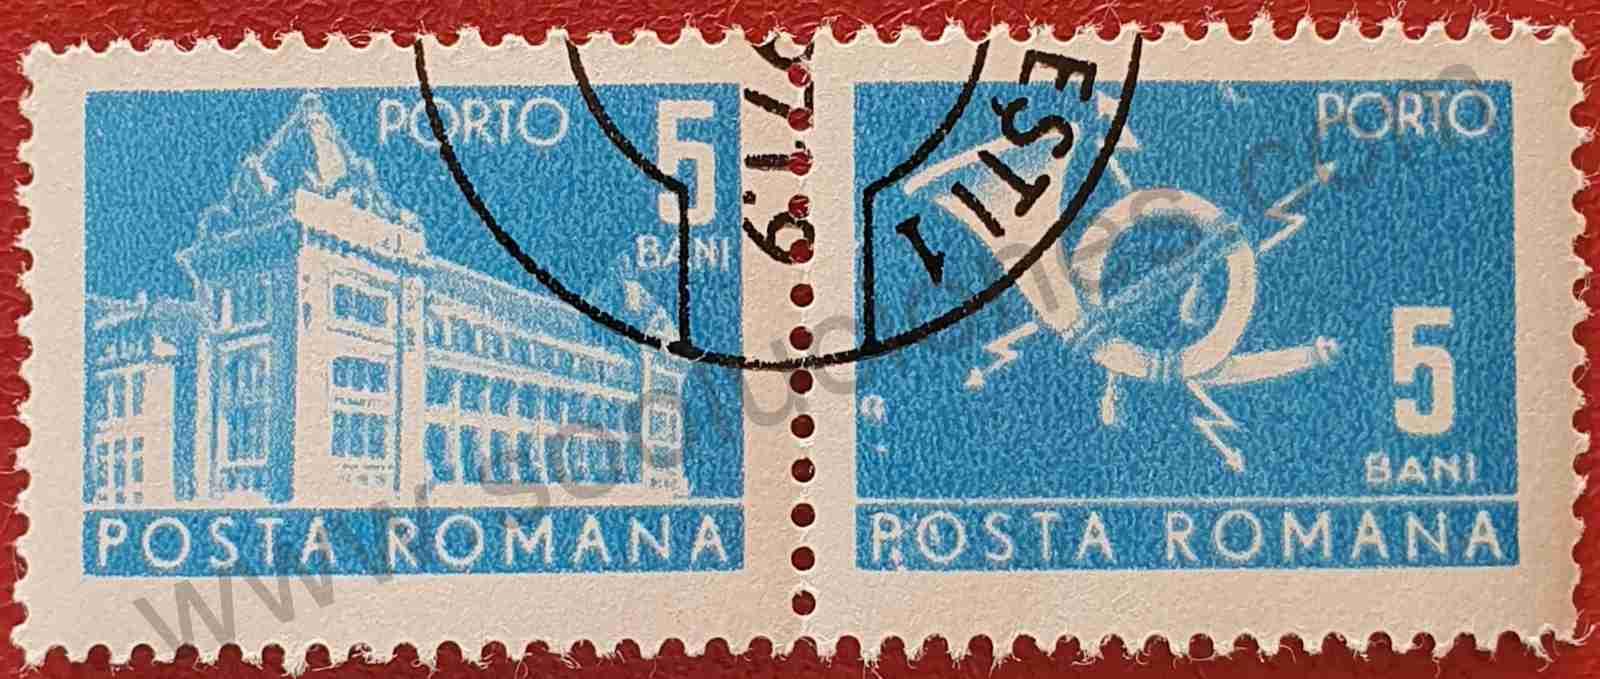 Oficina correos + Cuerno - Sello Rumania 1970